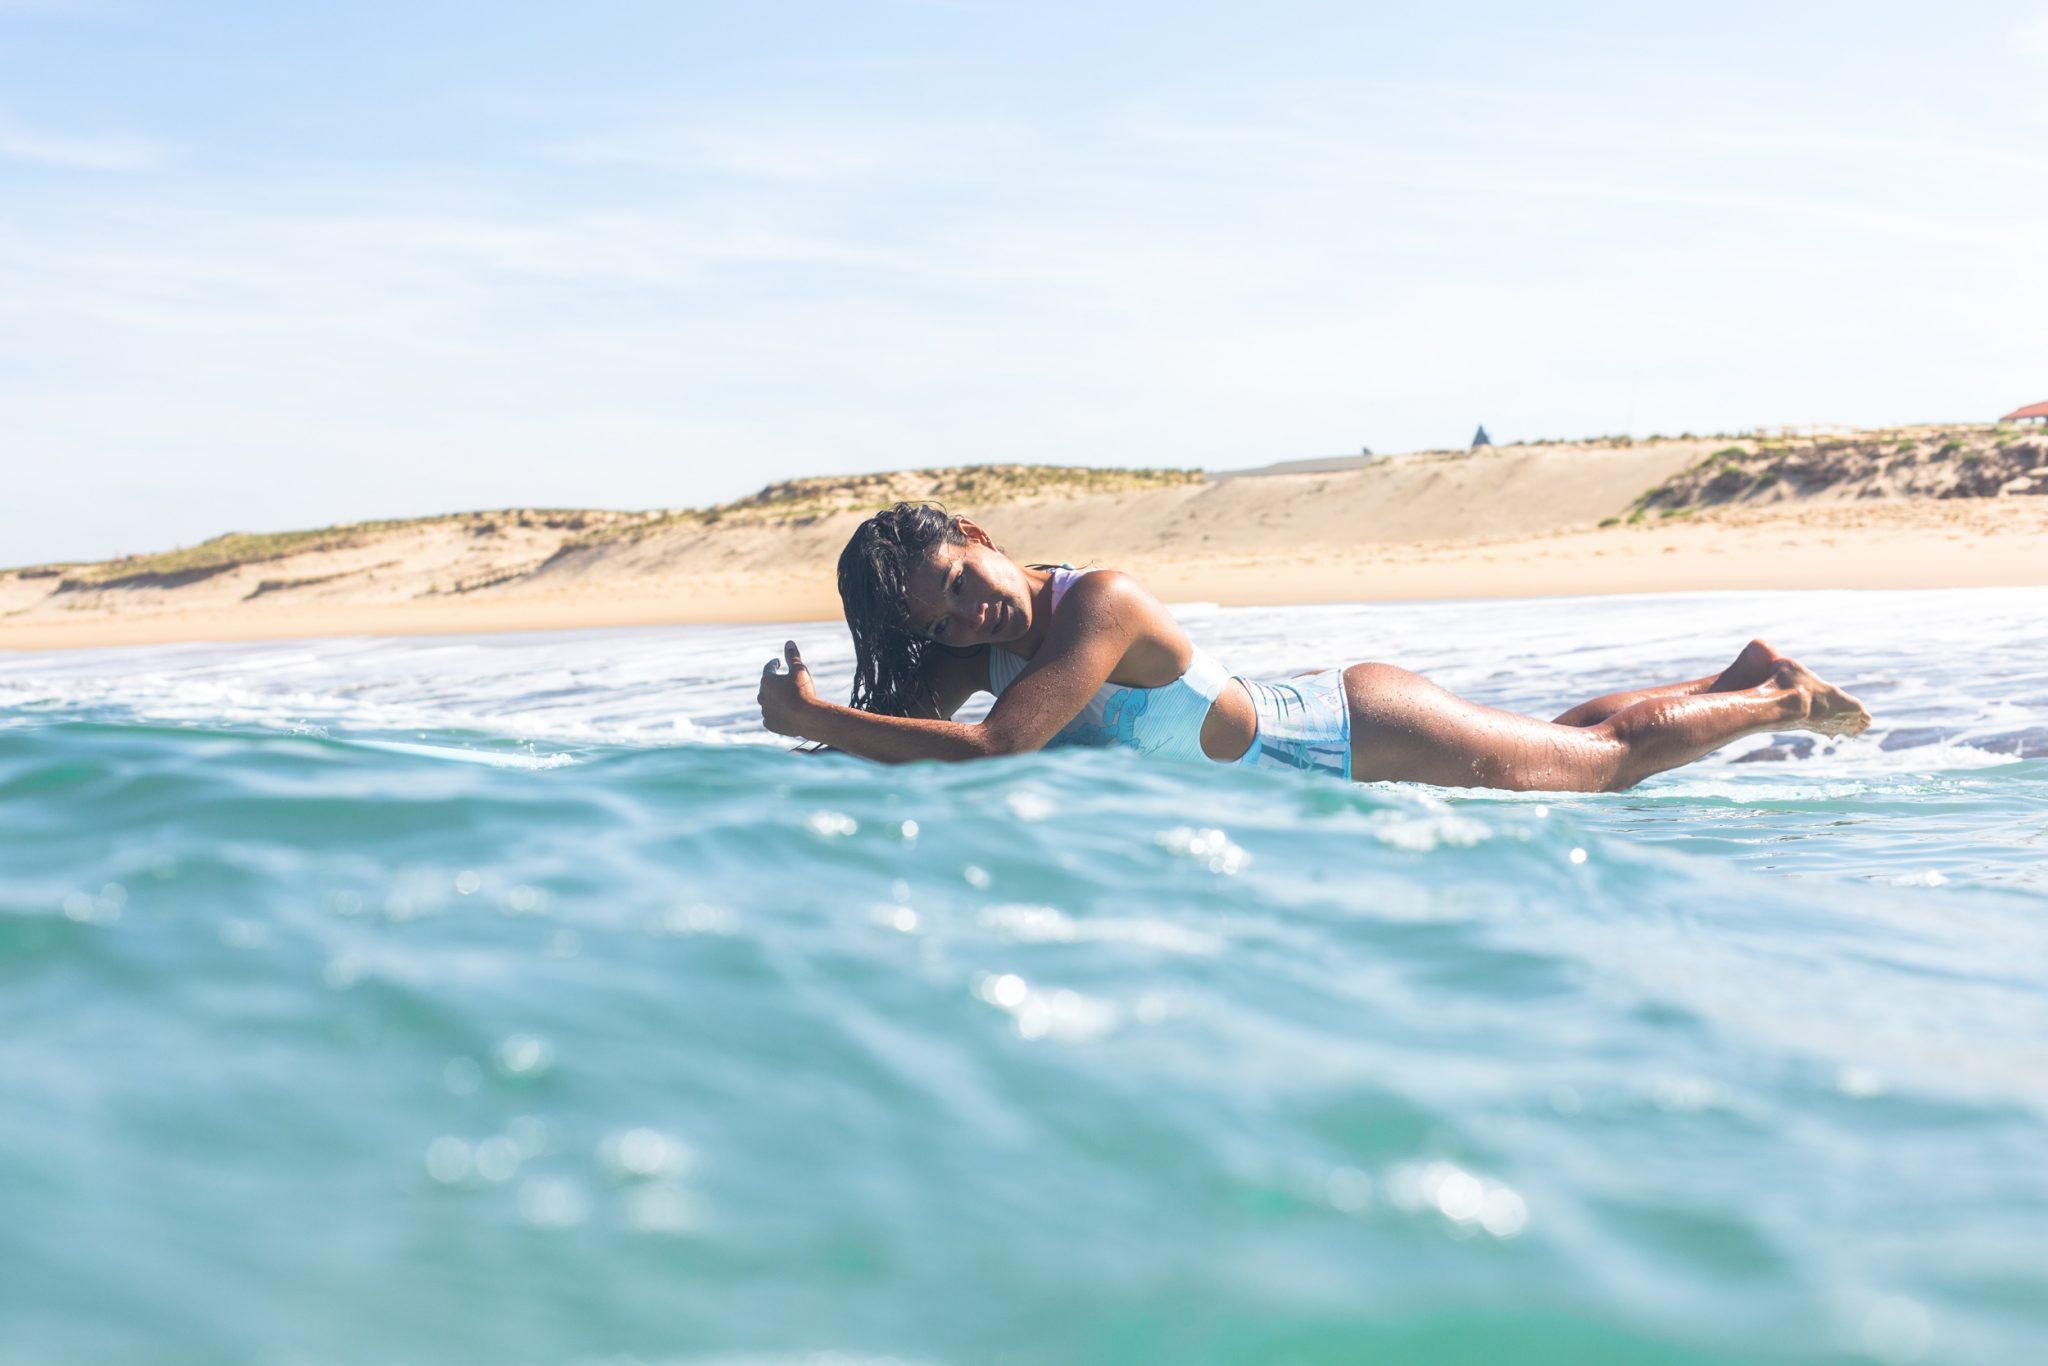 Ophile ist ein richtiges Surfer chick